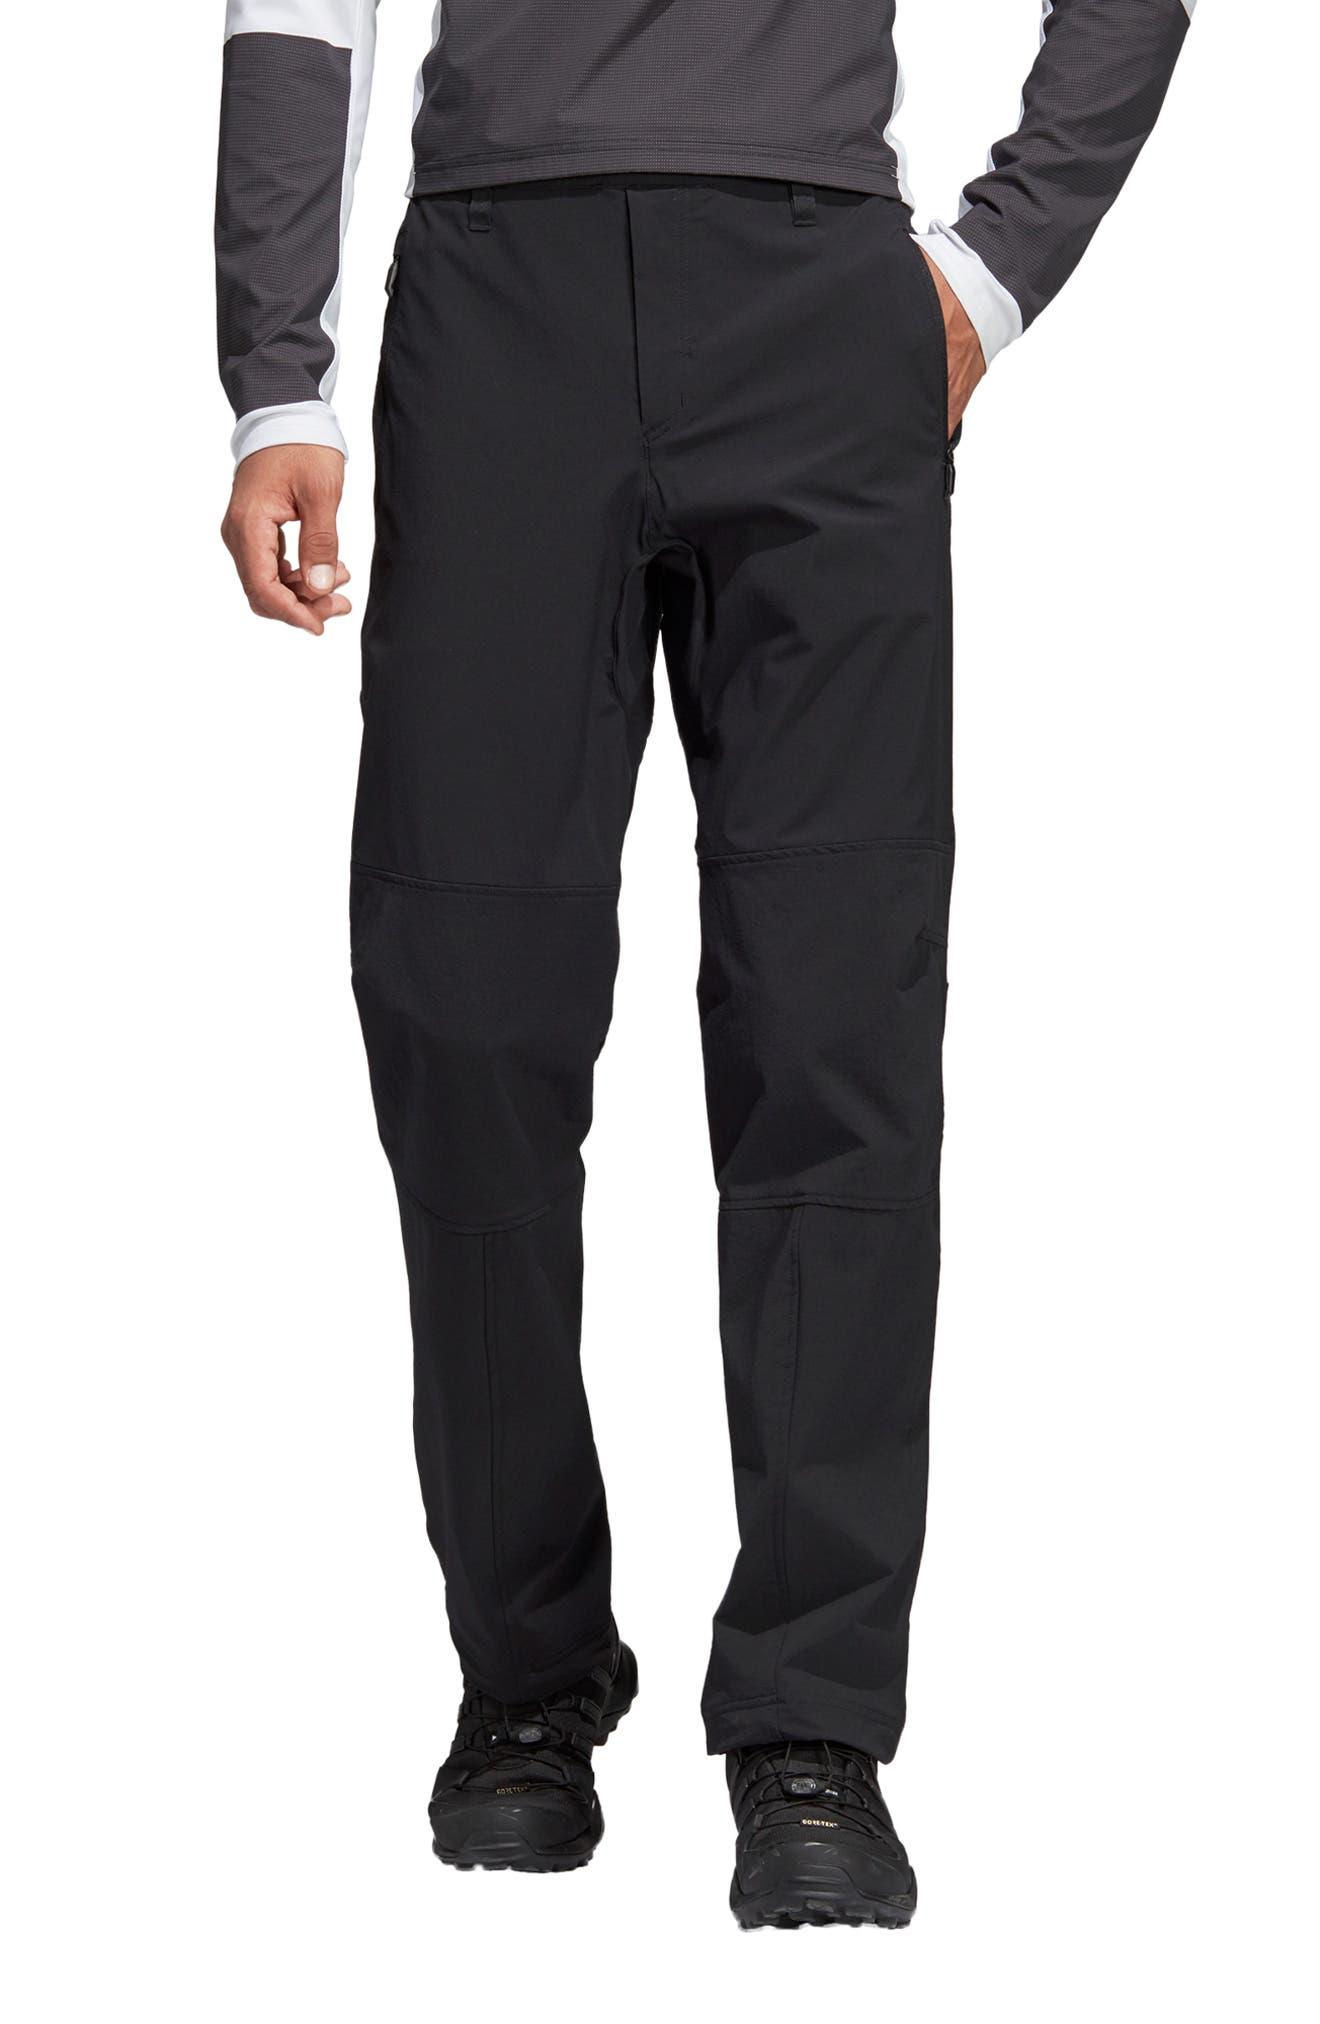 Terrex Multi Pants,                             Main thumbnail 1, color,                             BLACK